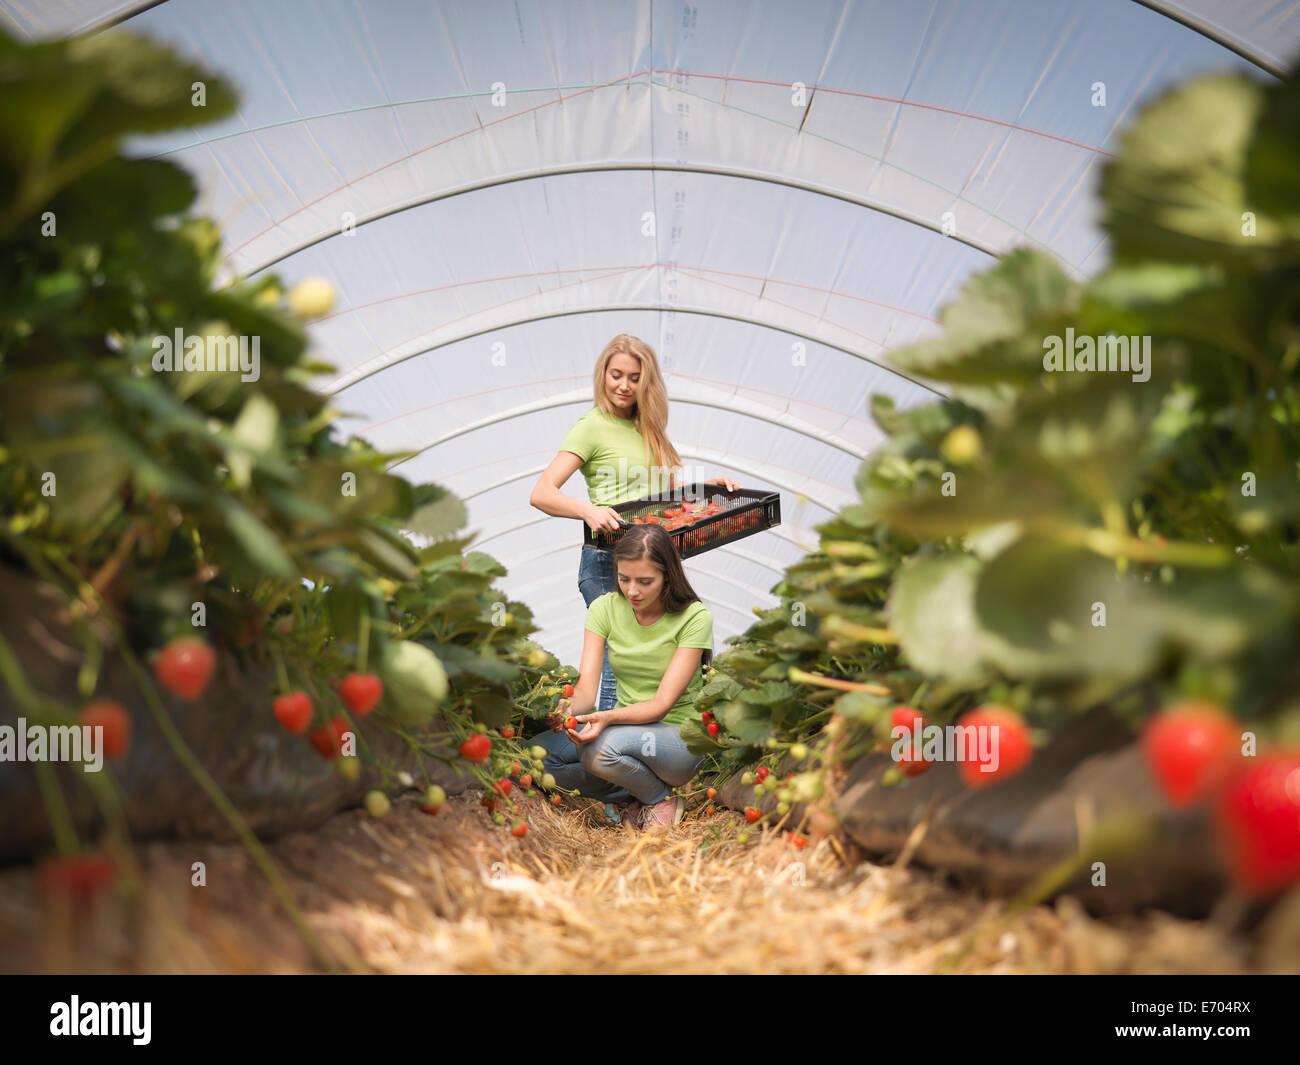 La cueillette des fraises en travailleurs fruit farm Photo Stock